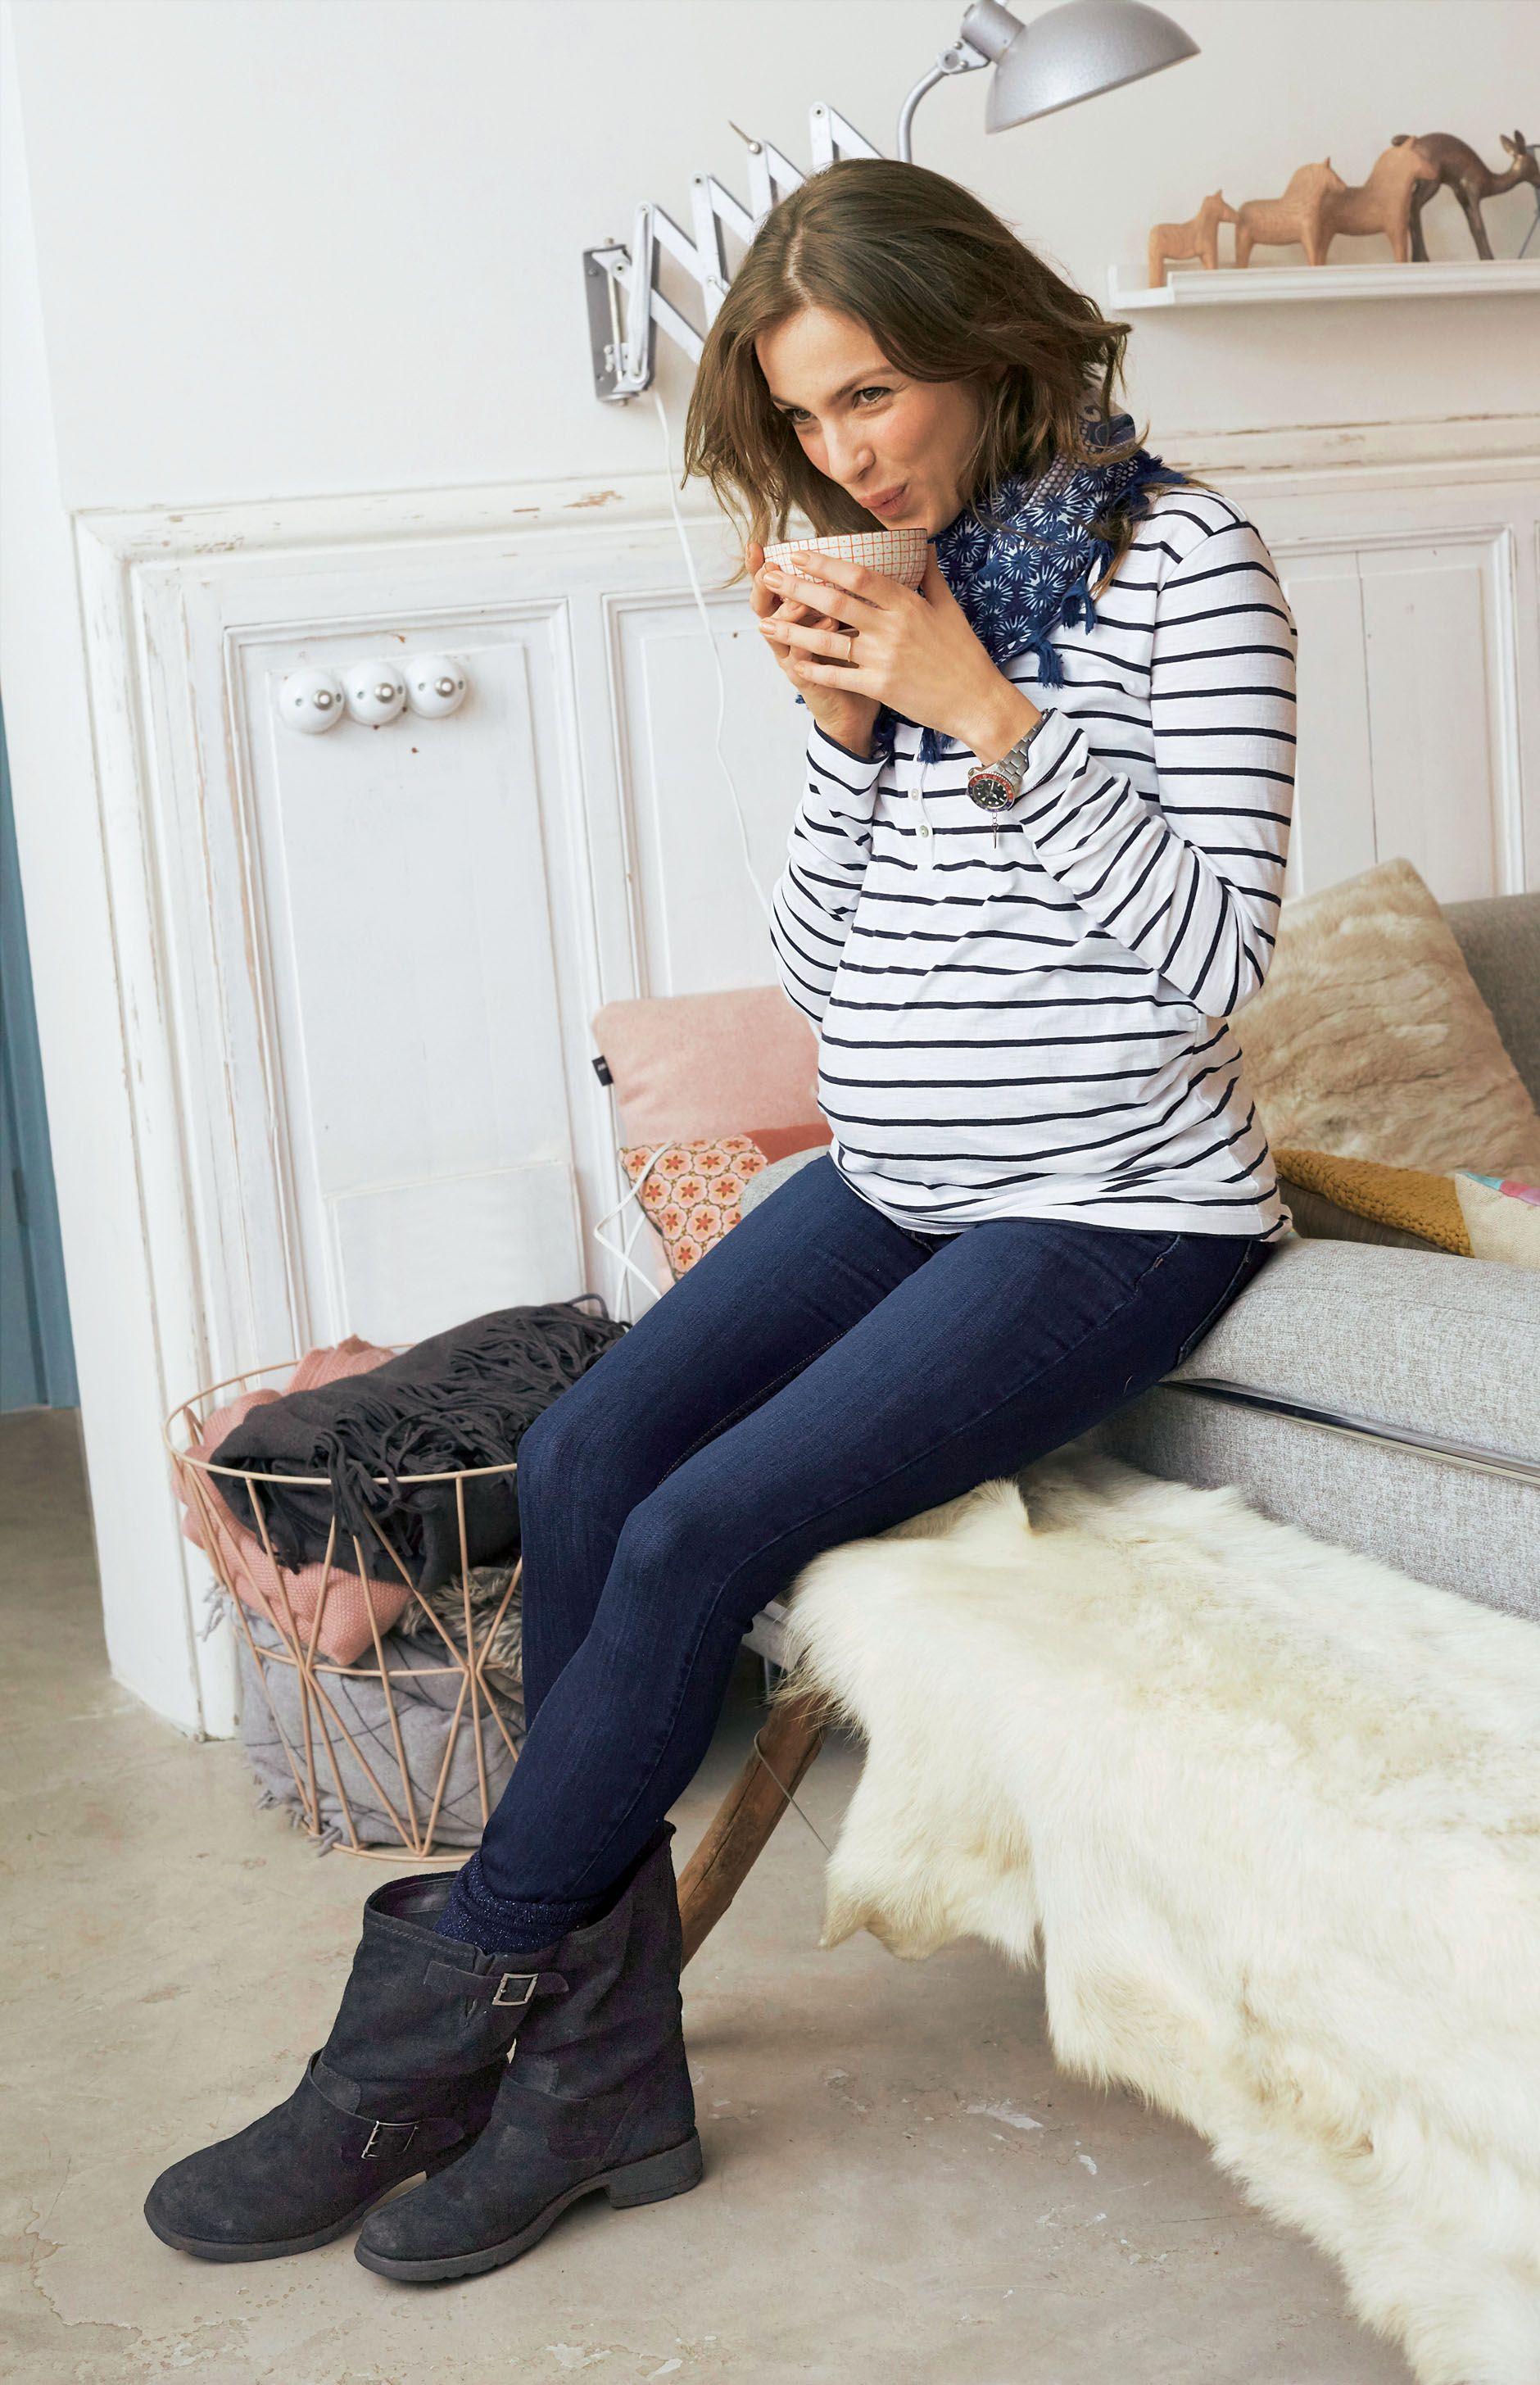 un jean slim pour femme enceinte collection automne hiver 2015 vert baudet grossesse naissance. Black Bedroom Furniture Sets. Home Design Ideas